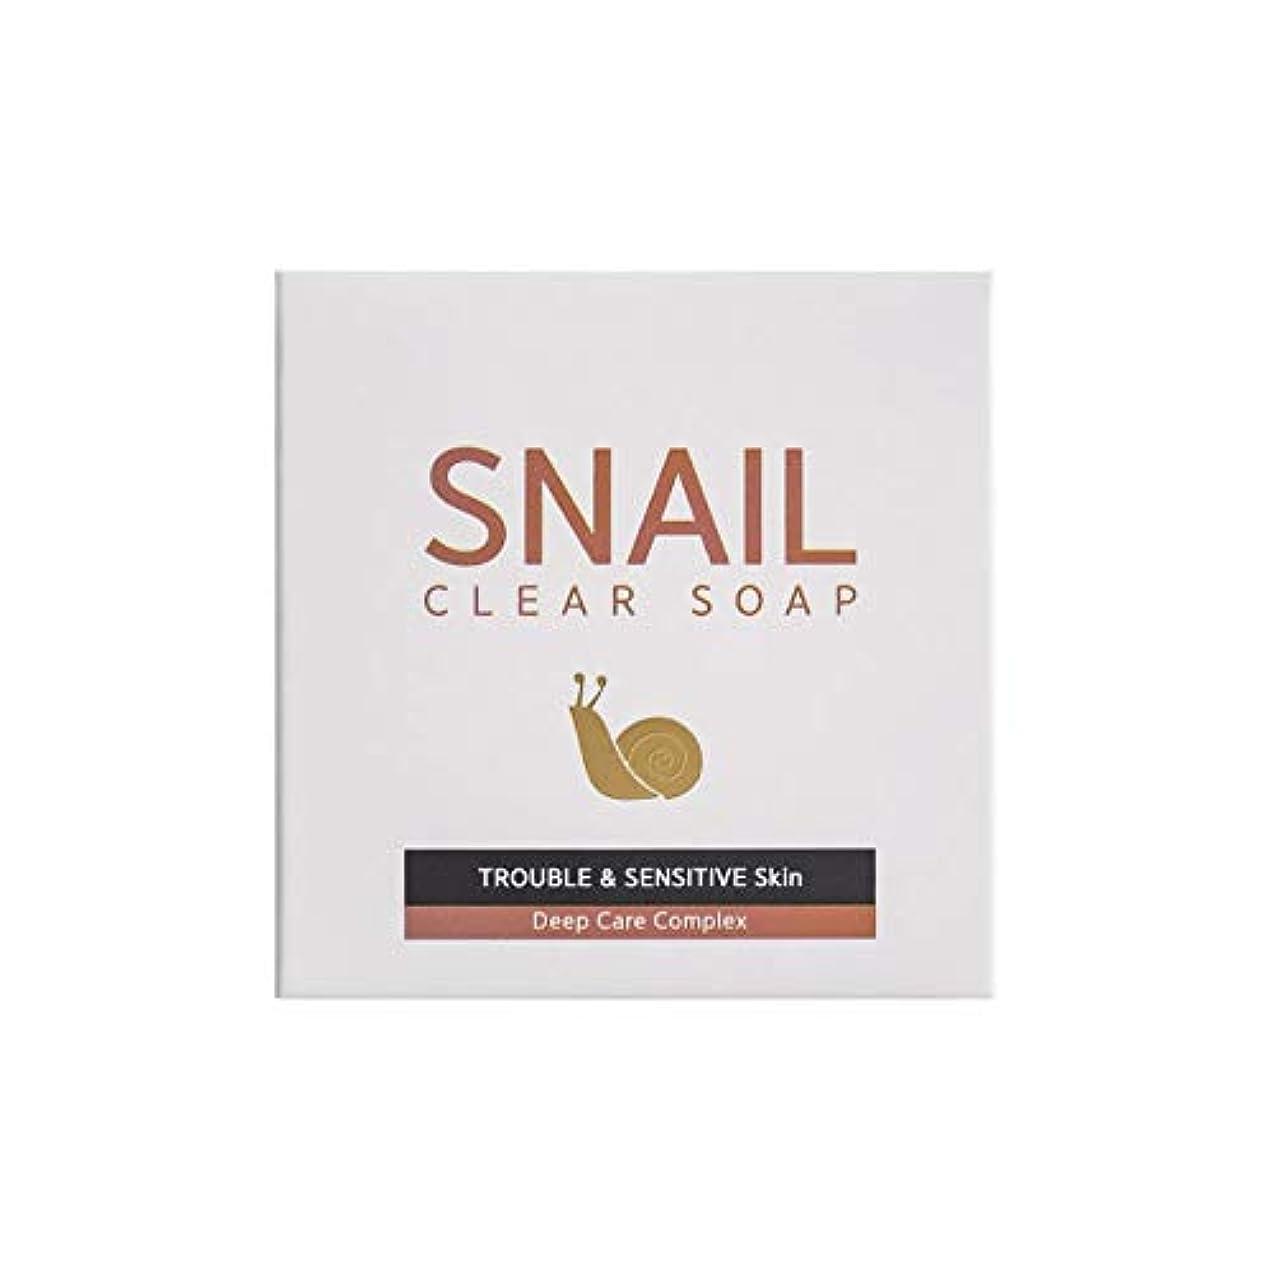 許さない課税切る[RNT International] YUNE25 Snail Clear Soap クリア ソープ 固形 せっけん [並行輸入品]